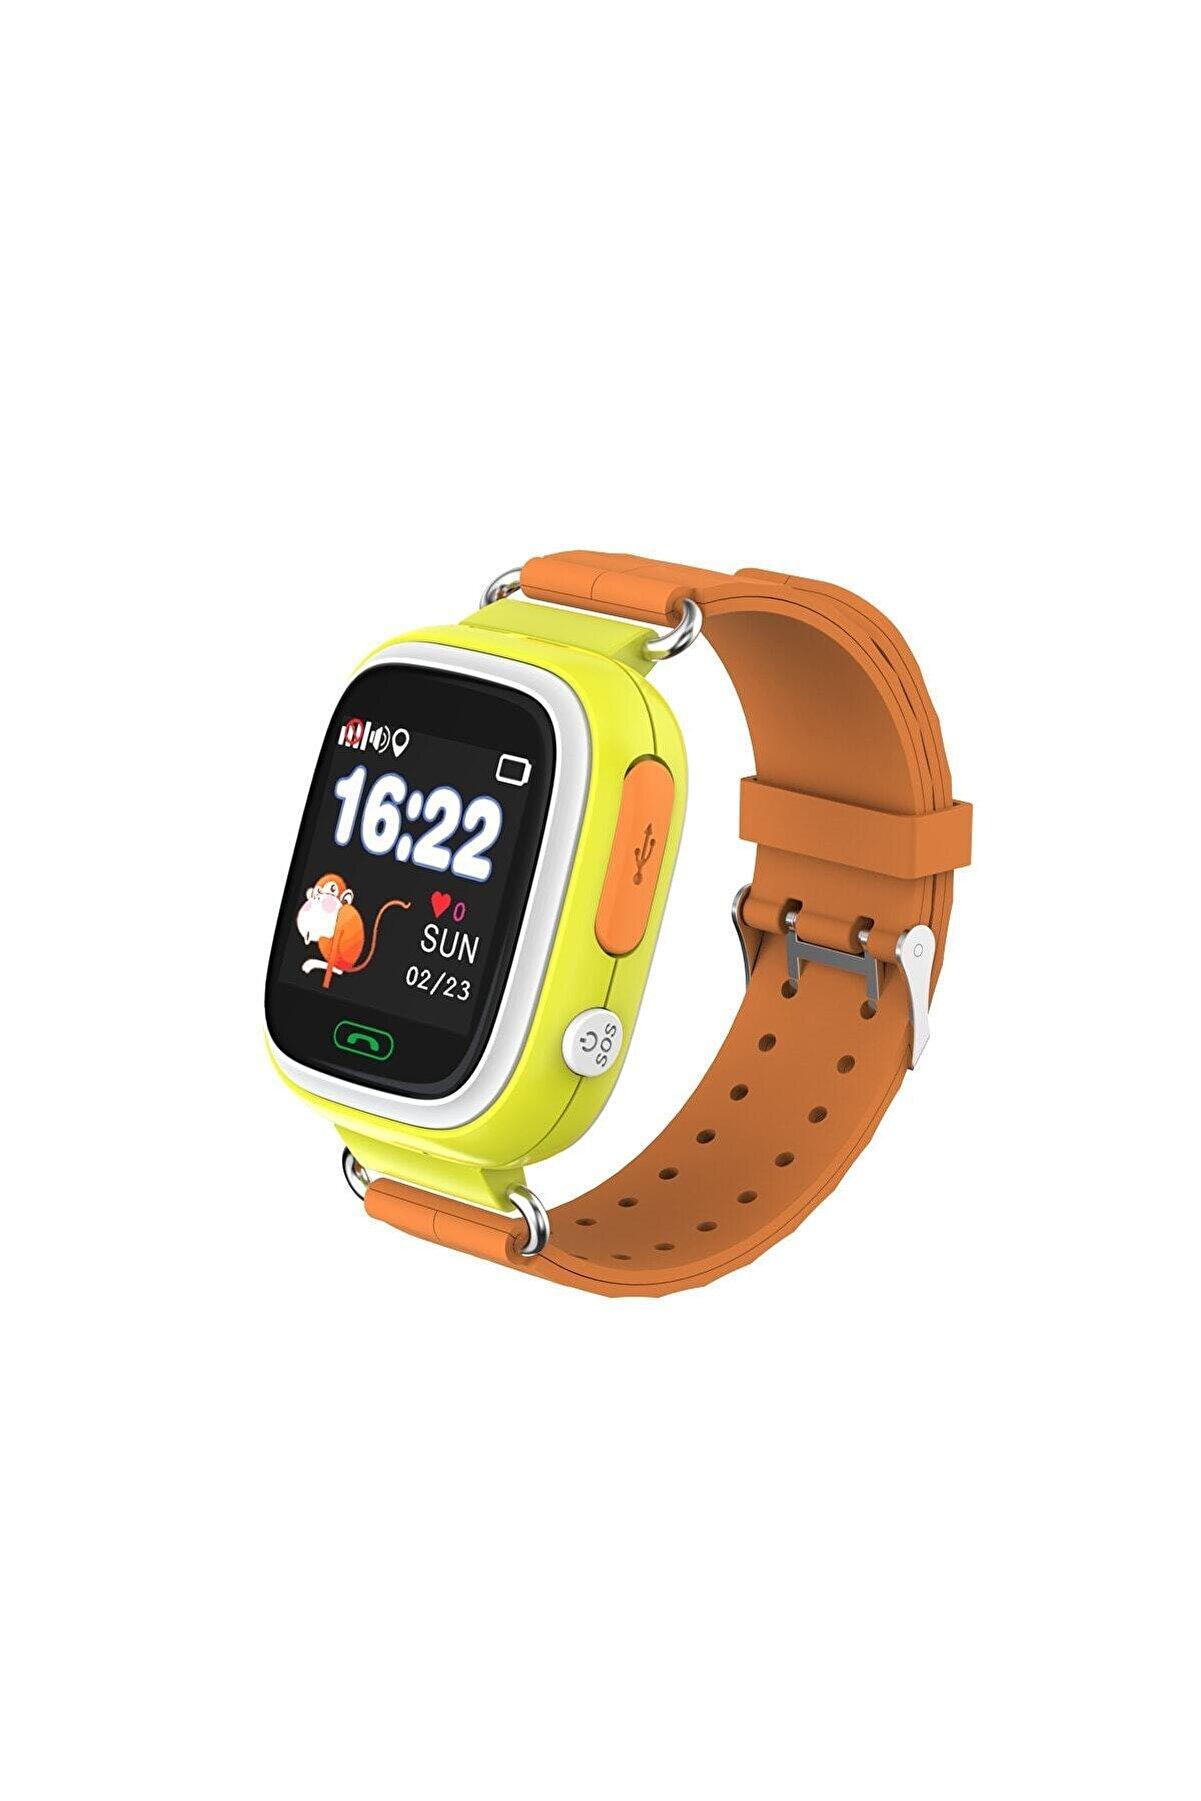 BabySmart Akıllı Saat - Çocuk Takip Saati - Gps - Sim Kartlı Arama - Sarı